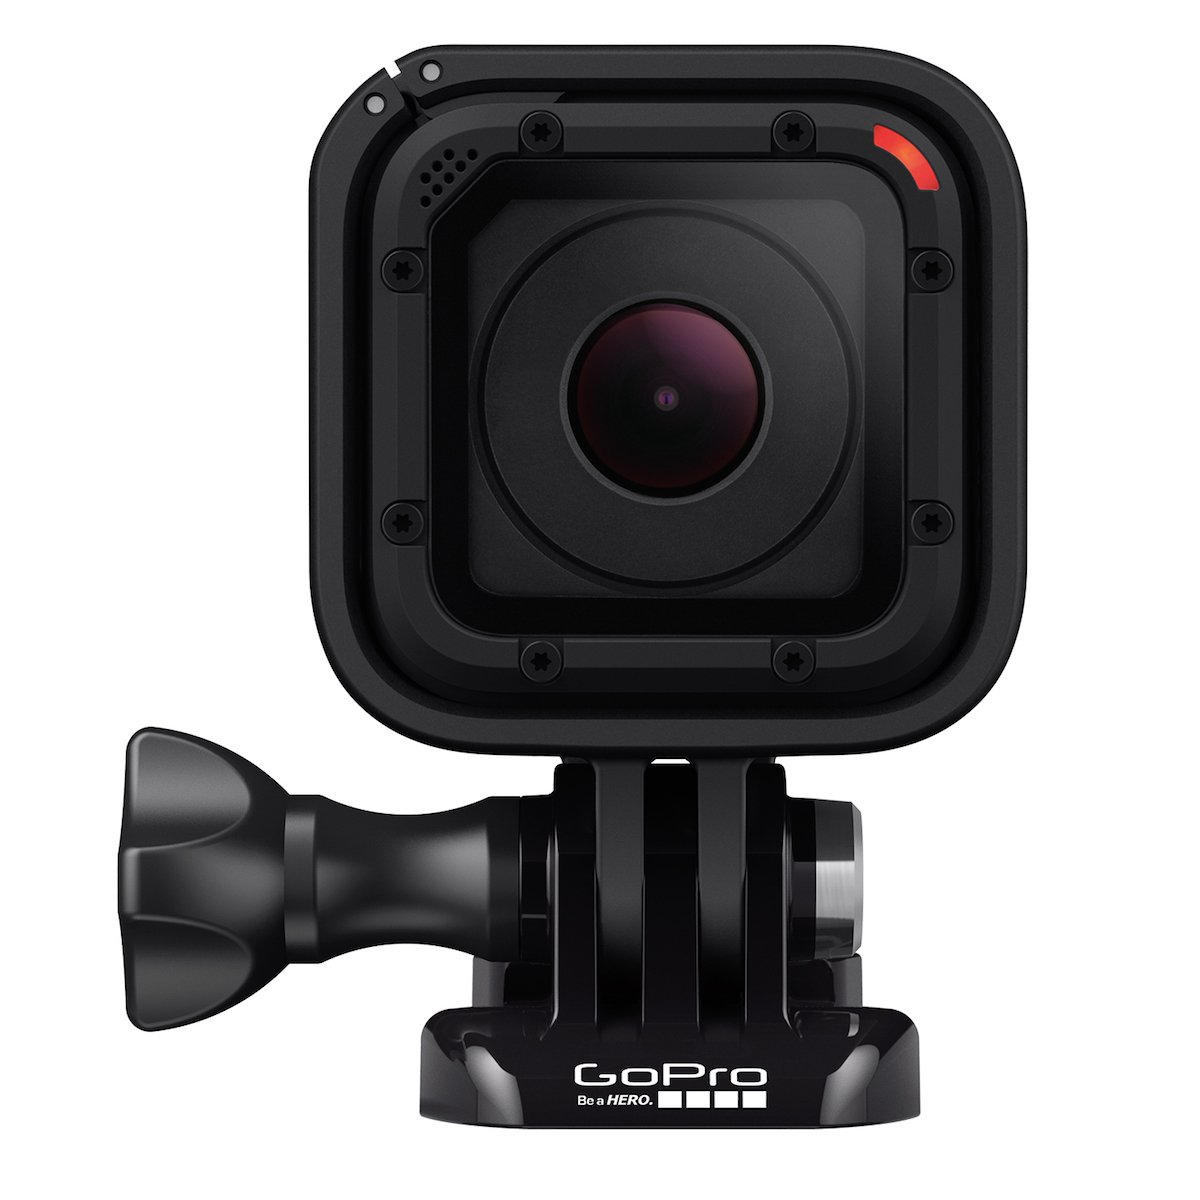 GoPro HERO Session - Videocámara deportiva de 8 MP (WiFi, submergible, 1030 mAh), color negro (versión española)